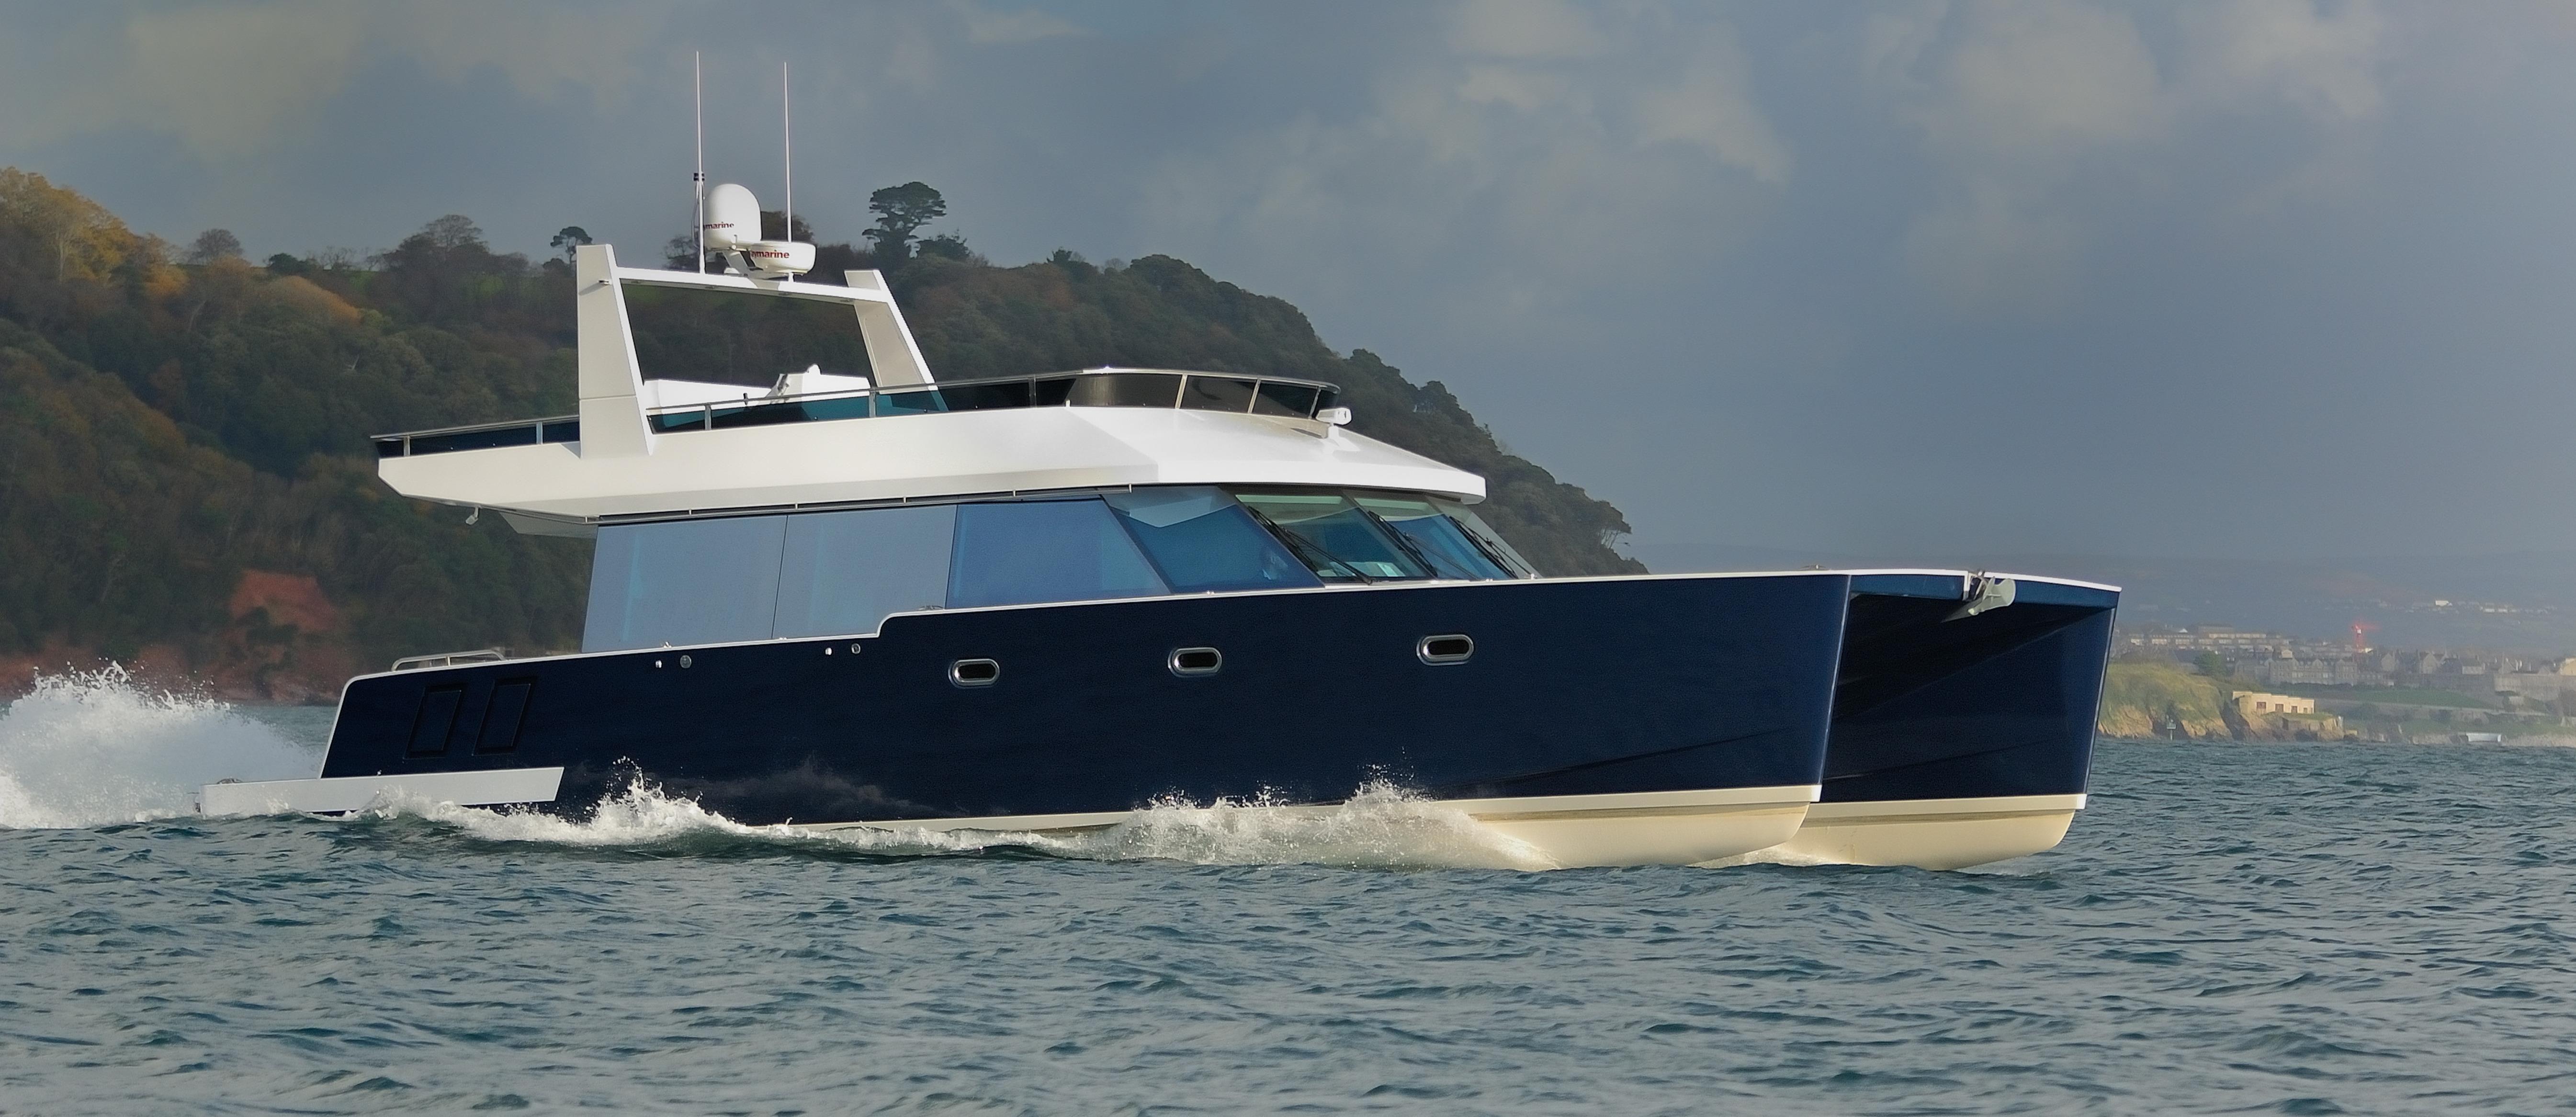 2009 Dazcat Power catamaran Power Boat For Sale - www ...  2009 Dazcat Pow...